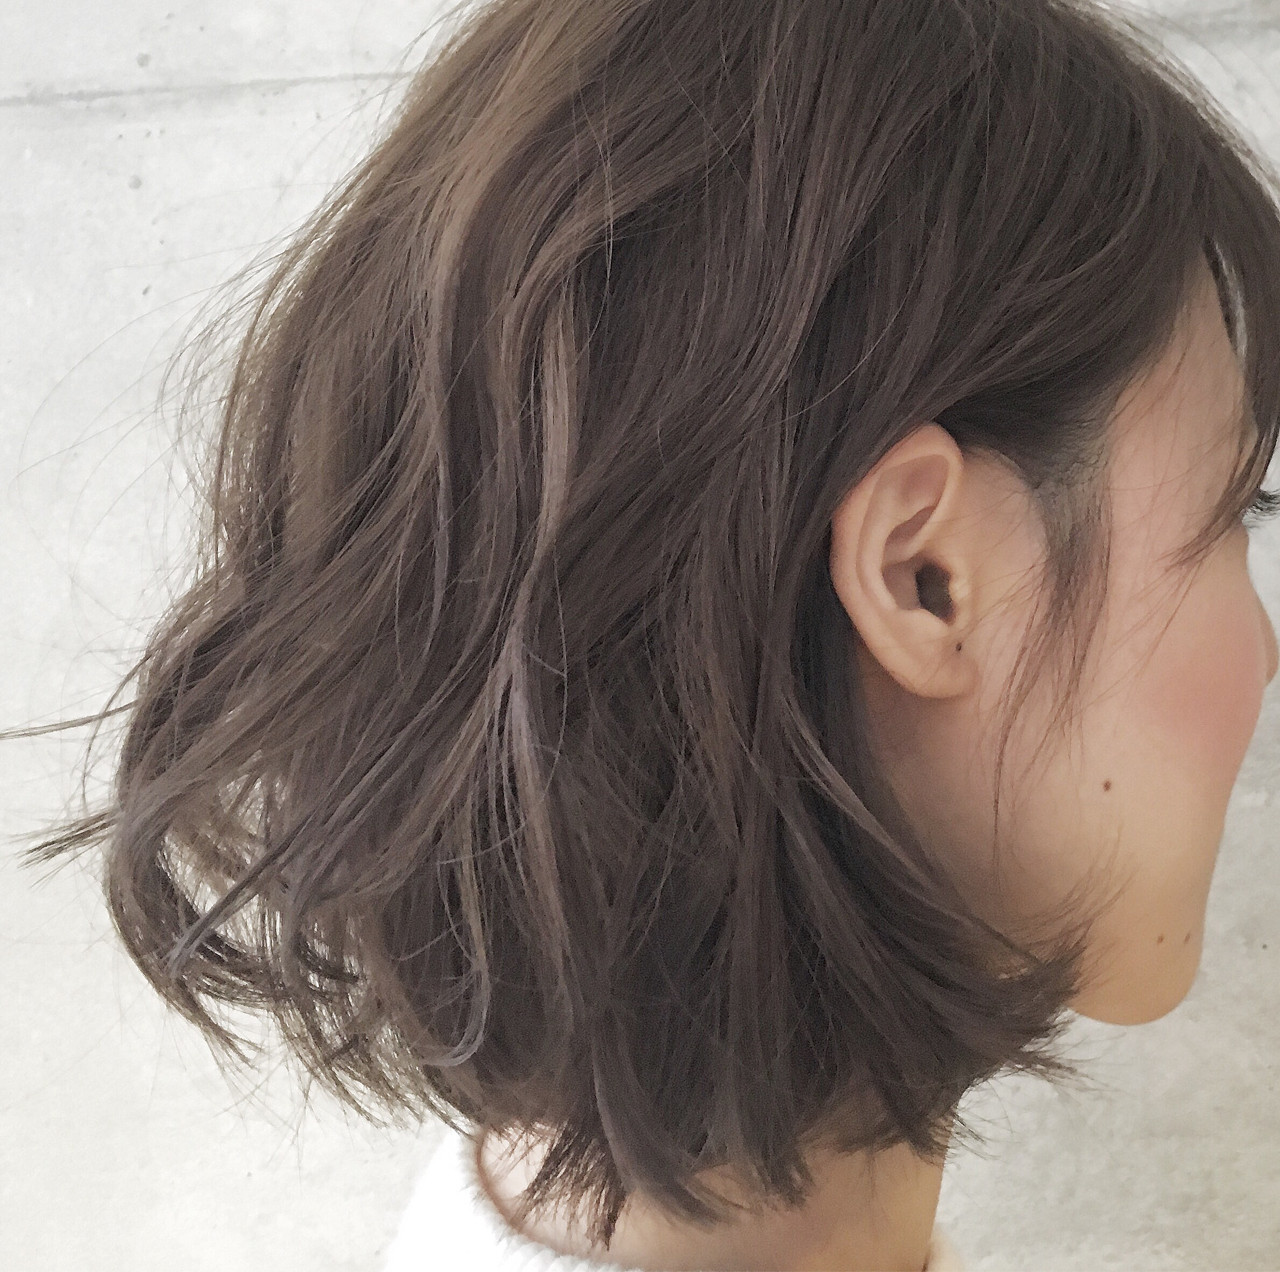 枝毛は髪からのダメージ警報!枝毛カッターよりも毎日のお手入れを!の4枚目の画像